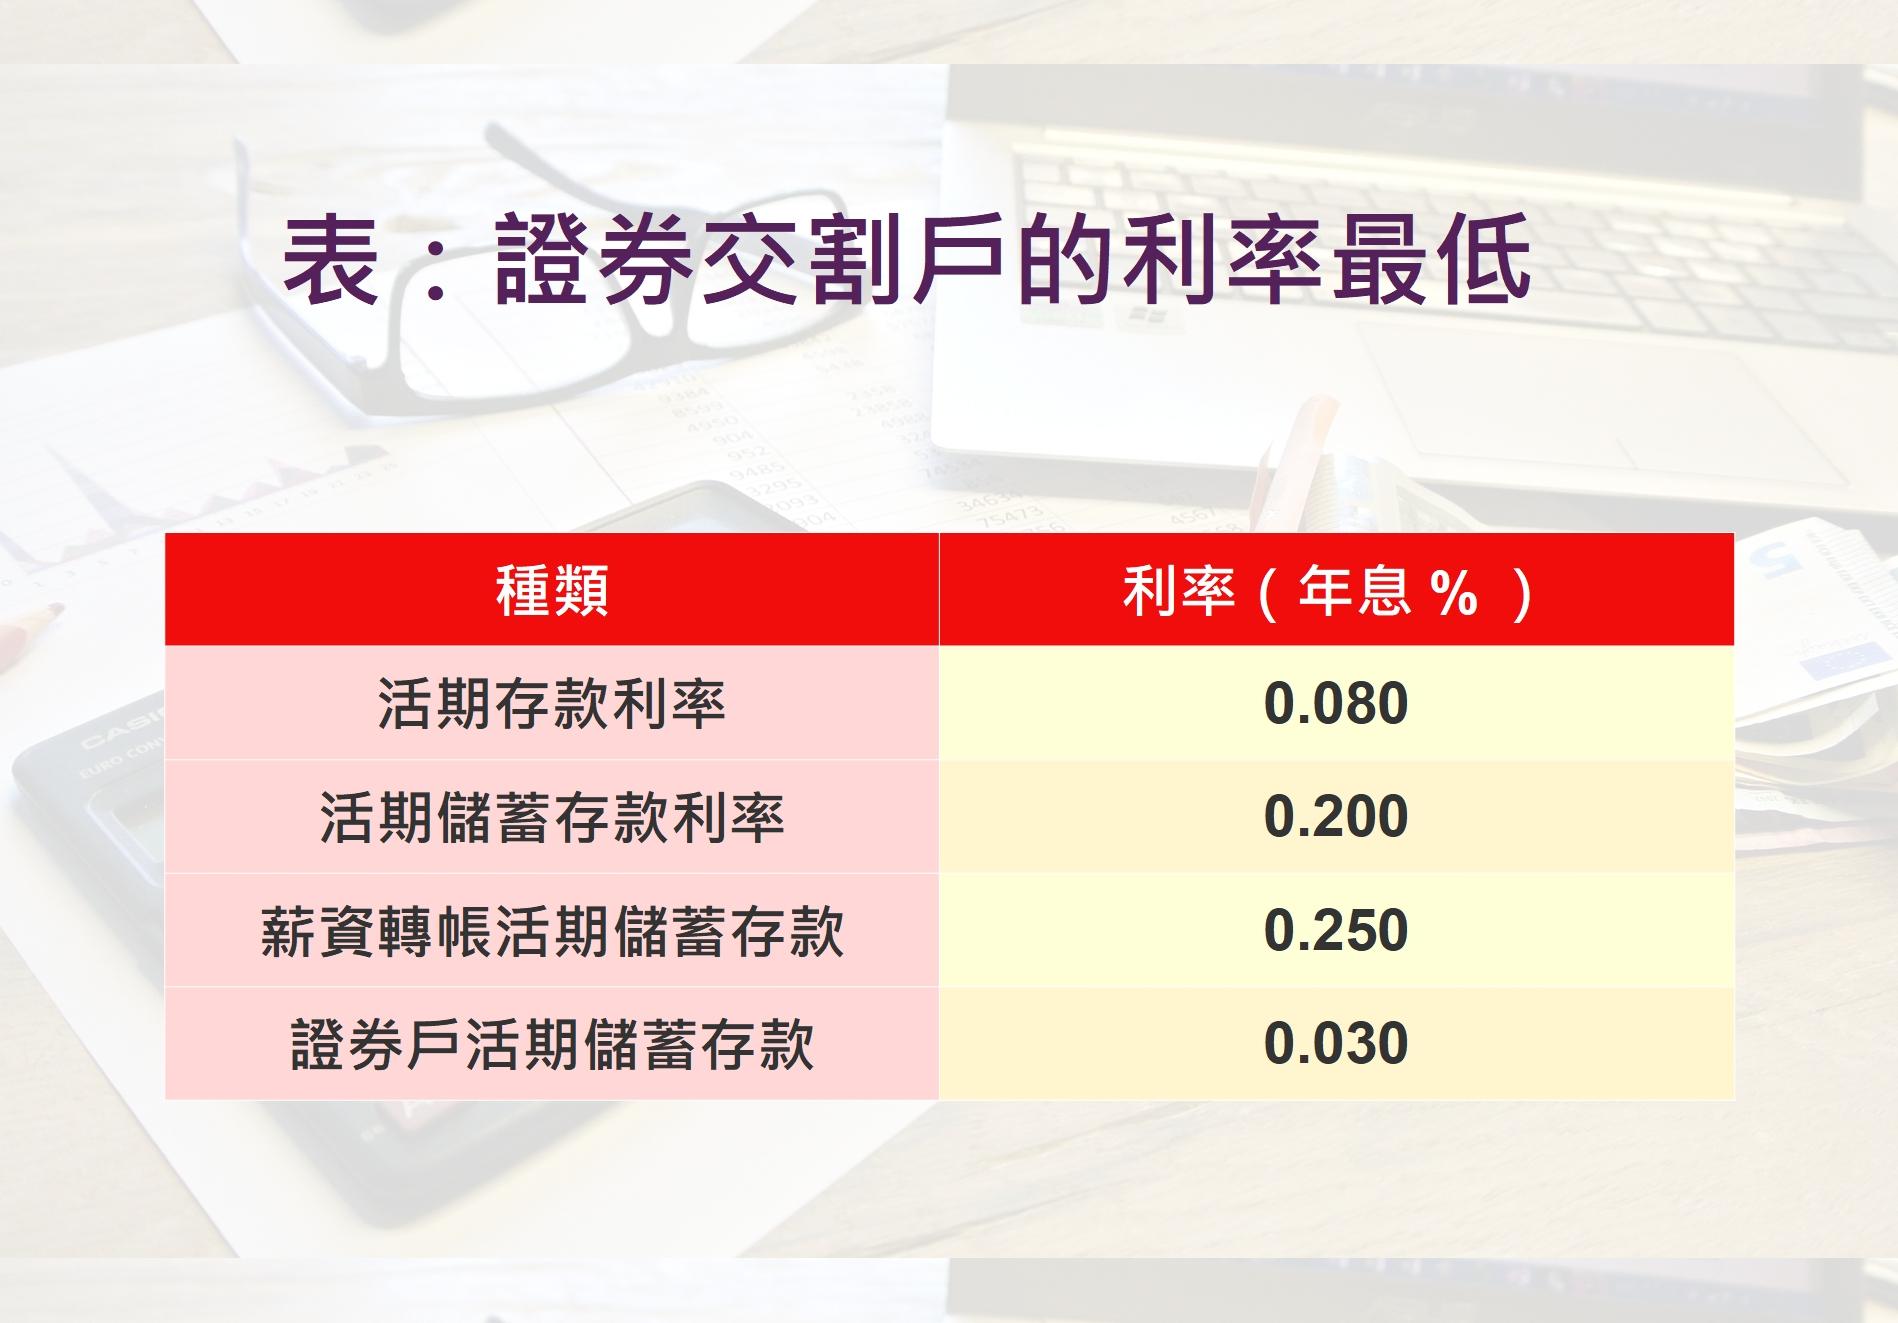 資料日期:2019.12.29;資料來源:台灣銀行;整理:佑佑